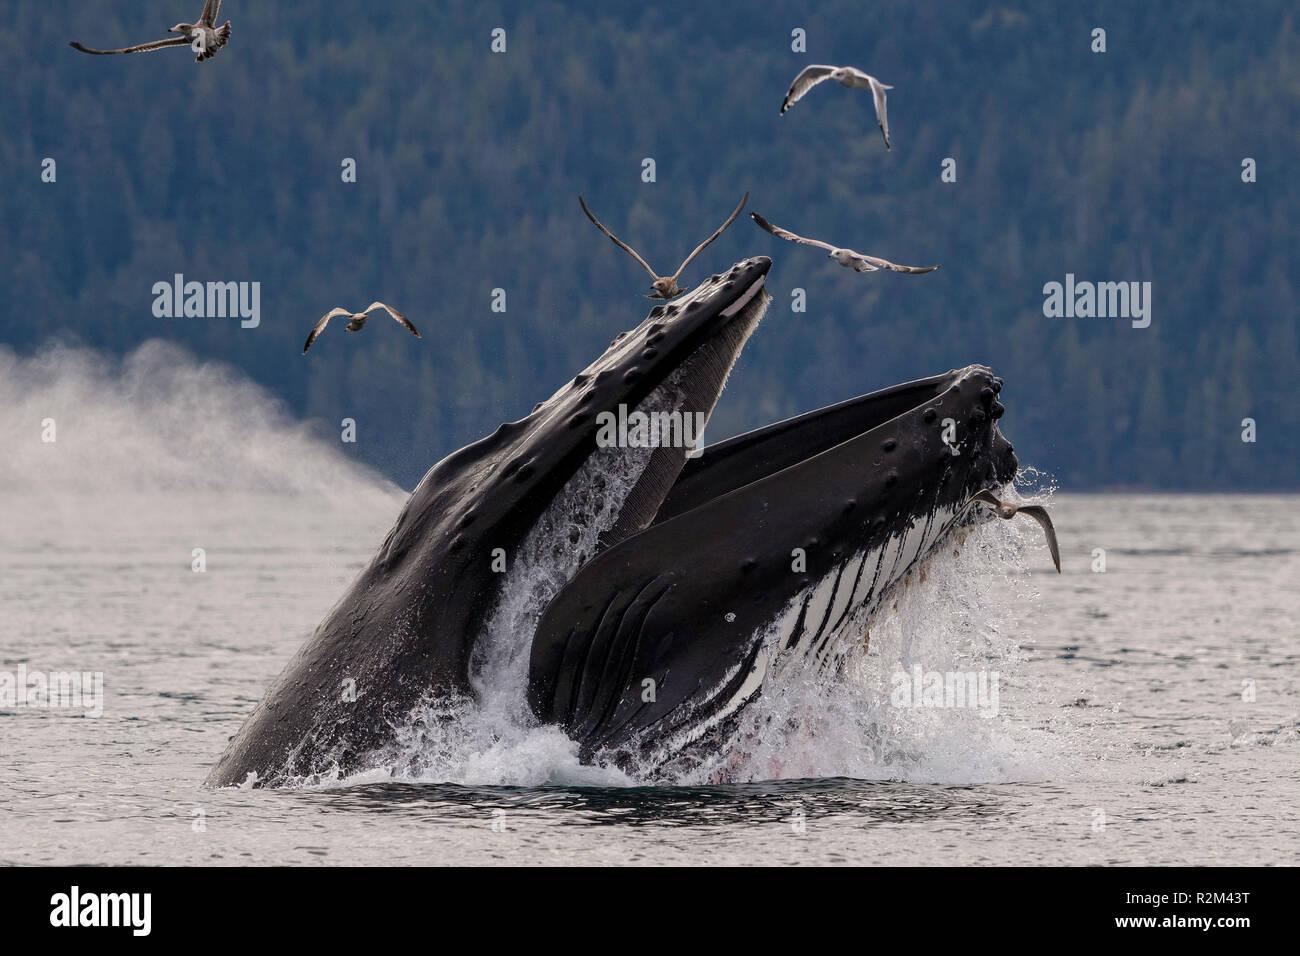 La ballena jorobada (Megaptera novaeangliae) lunge feeding en Blackfish sonido de Hanson isla cerca del archipiélago Broughton, Territorio de las Primeras Naciones, el BRI Foto de stock